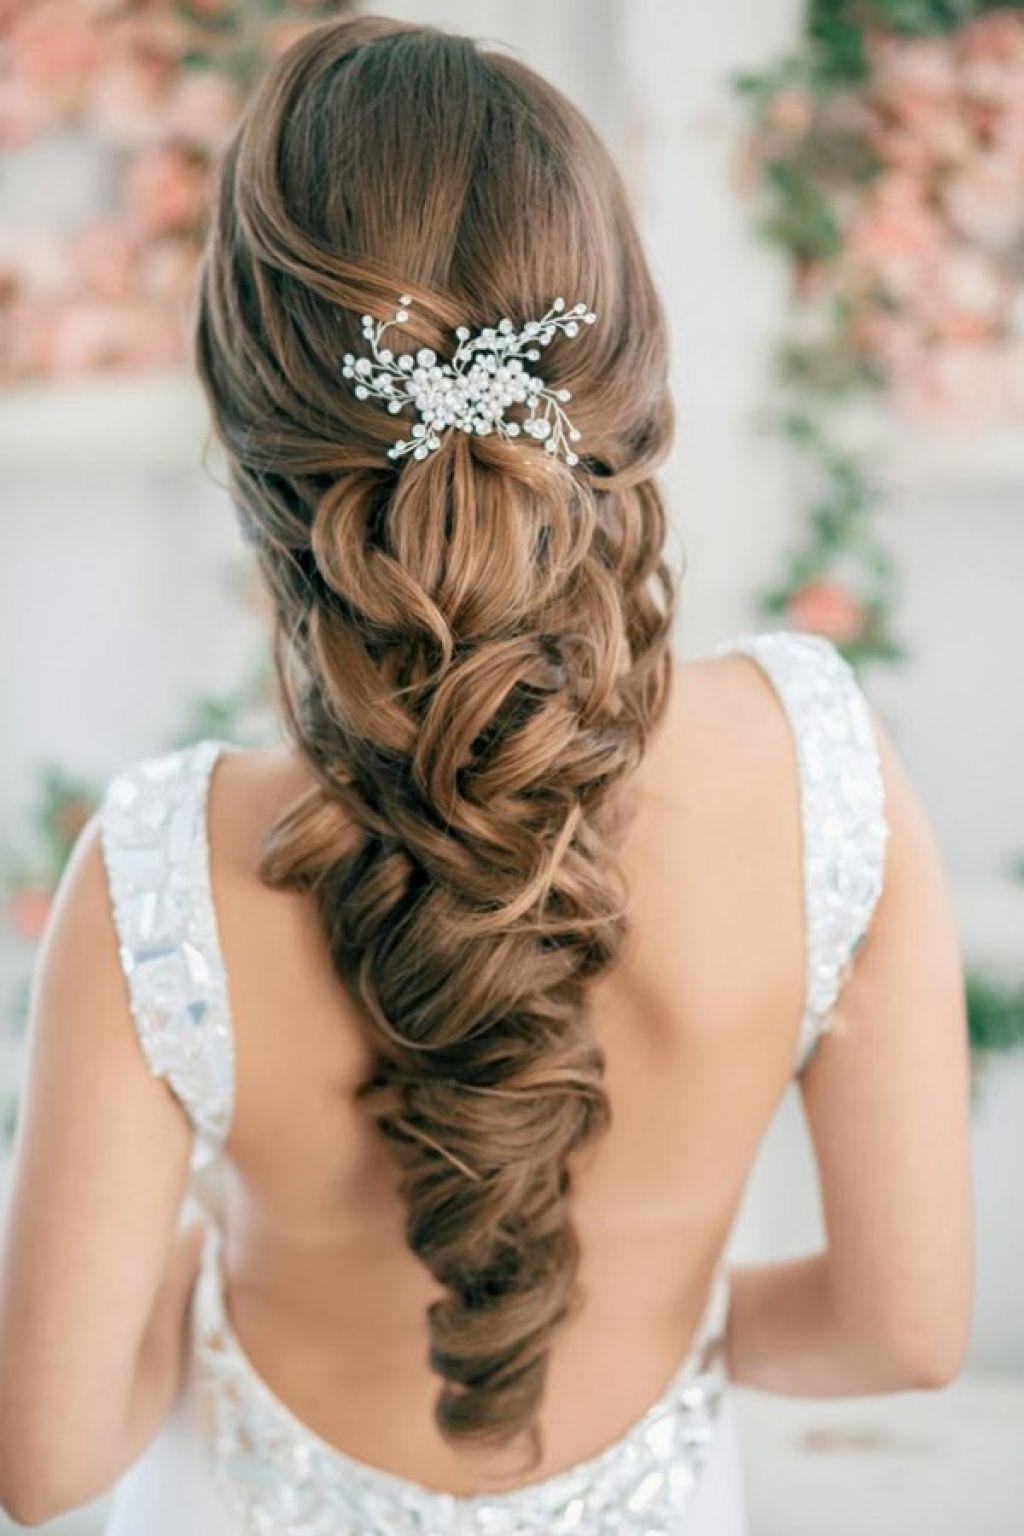 Греческая прическа на длинные волосы с цветами